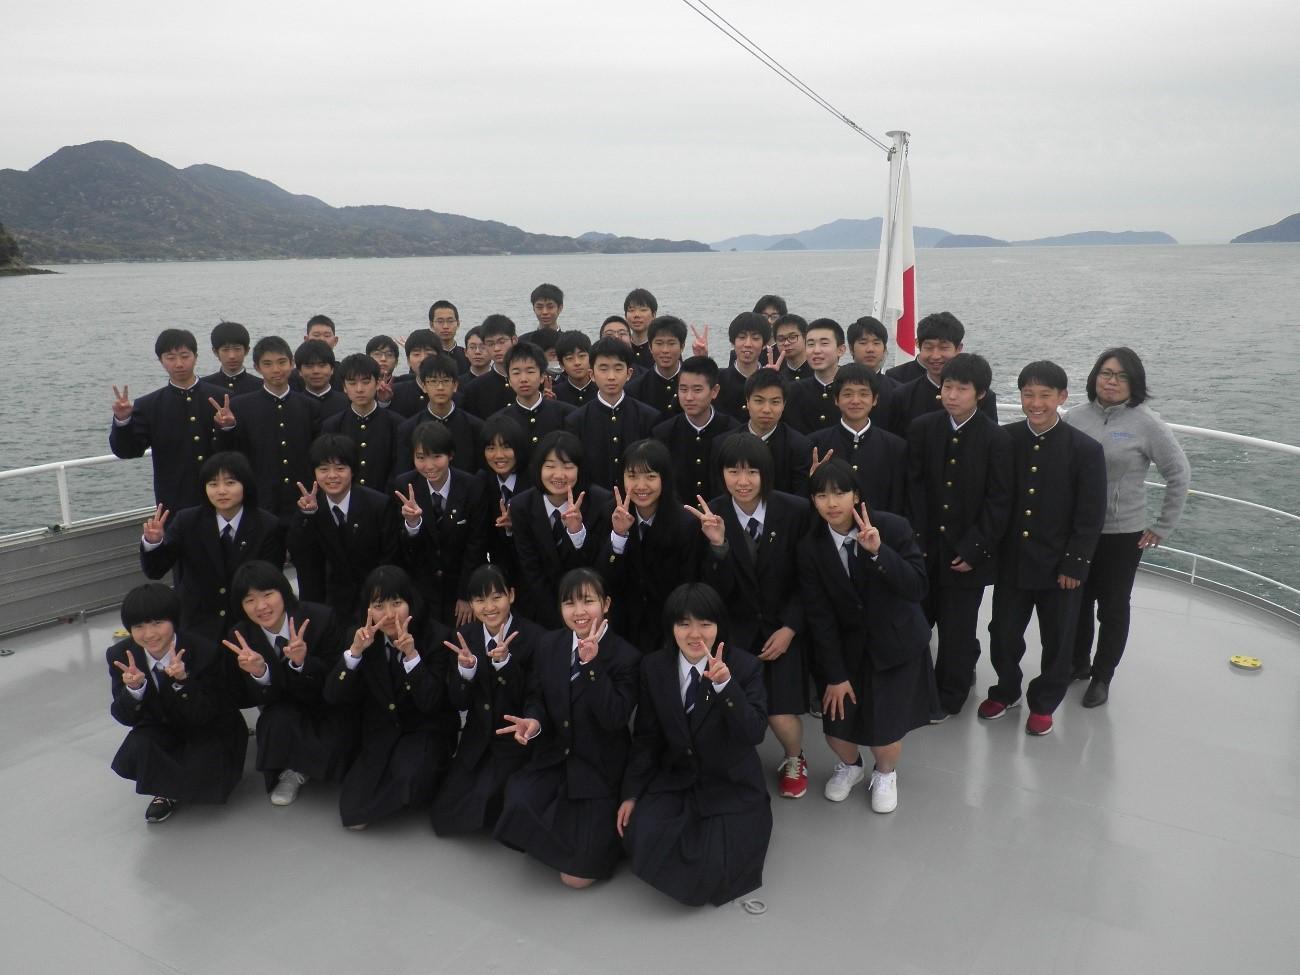 専門 大島 商船 学校 高等